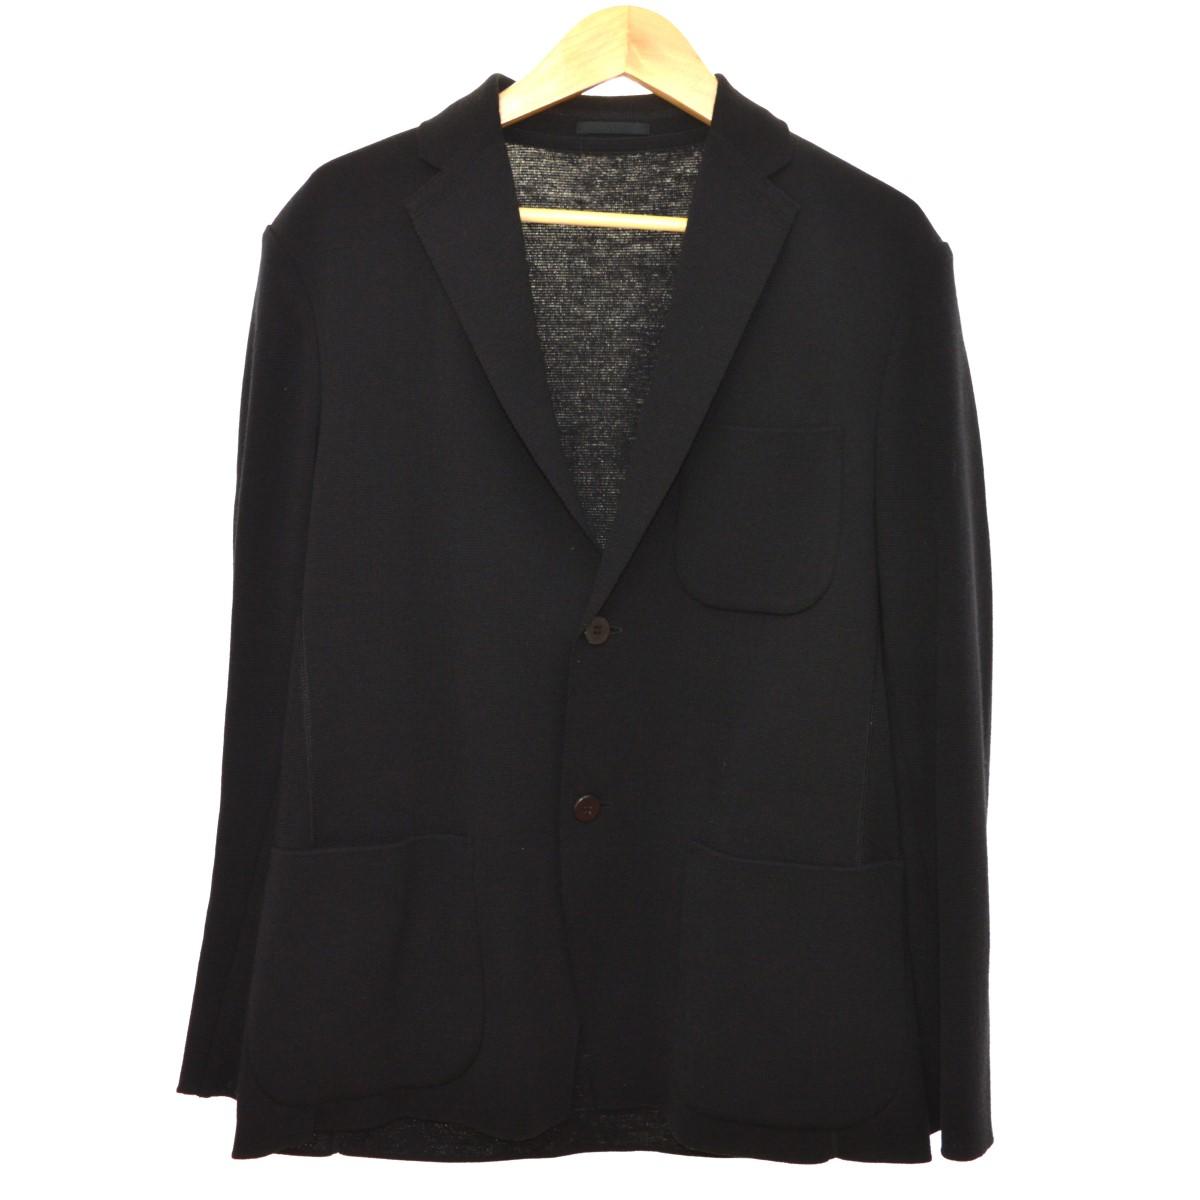 【中古】ISSEY MIYAKE MEN 19SS シングルニットジャケット ブラック サイズ:2 【060620】(イッセイミヤケ メン)